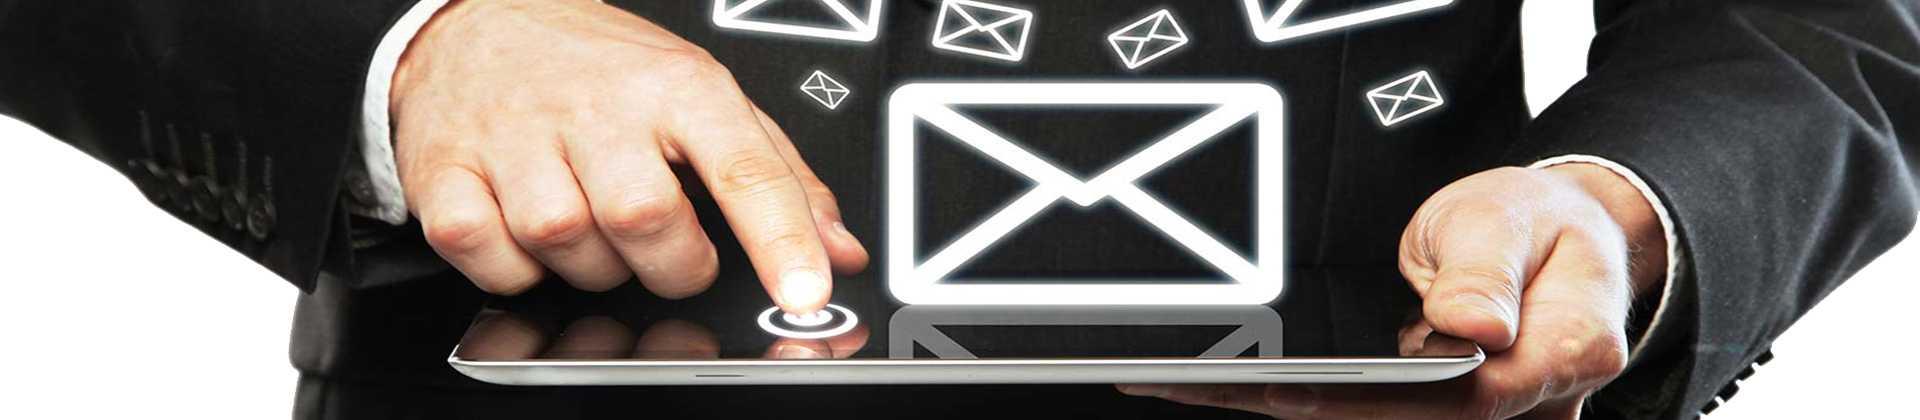 NewsletterFacile - Reszponzív hírlevél